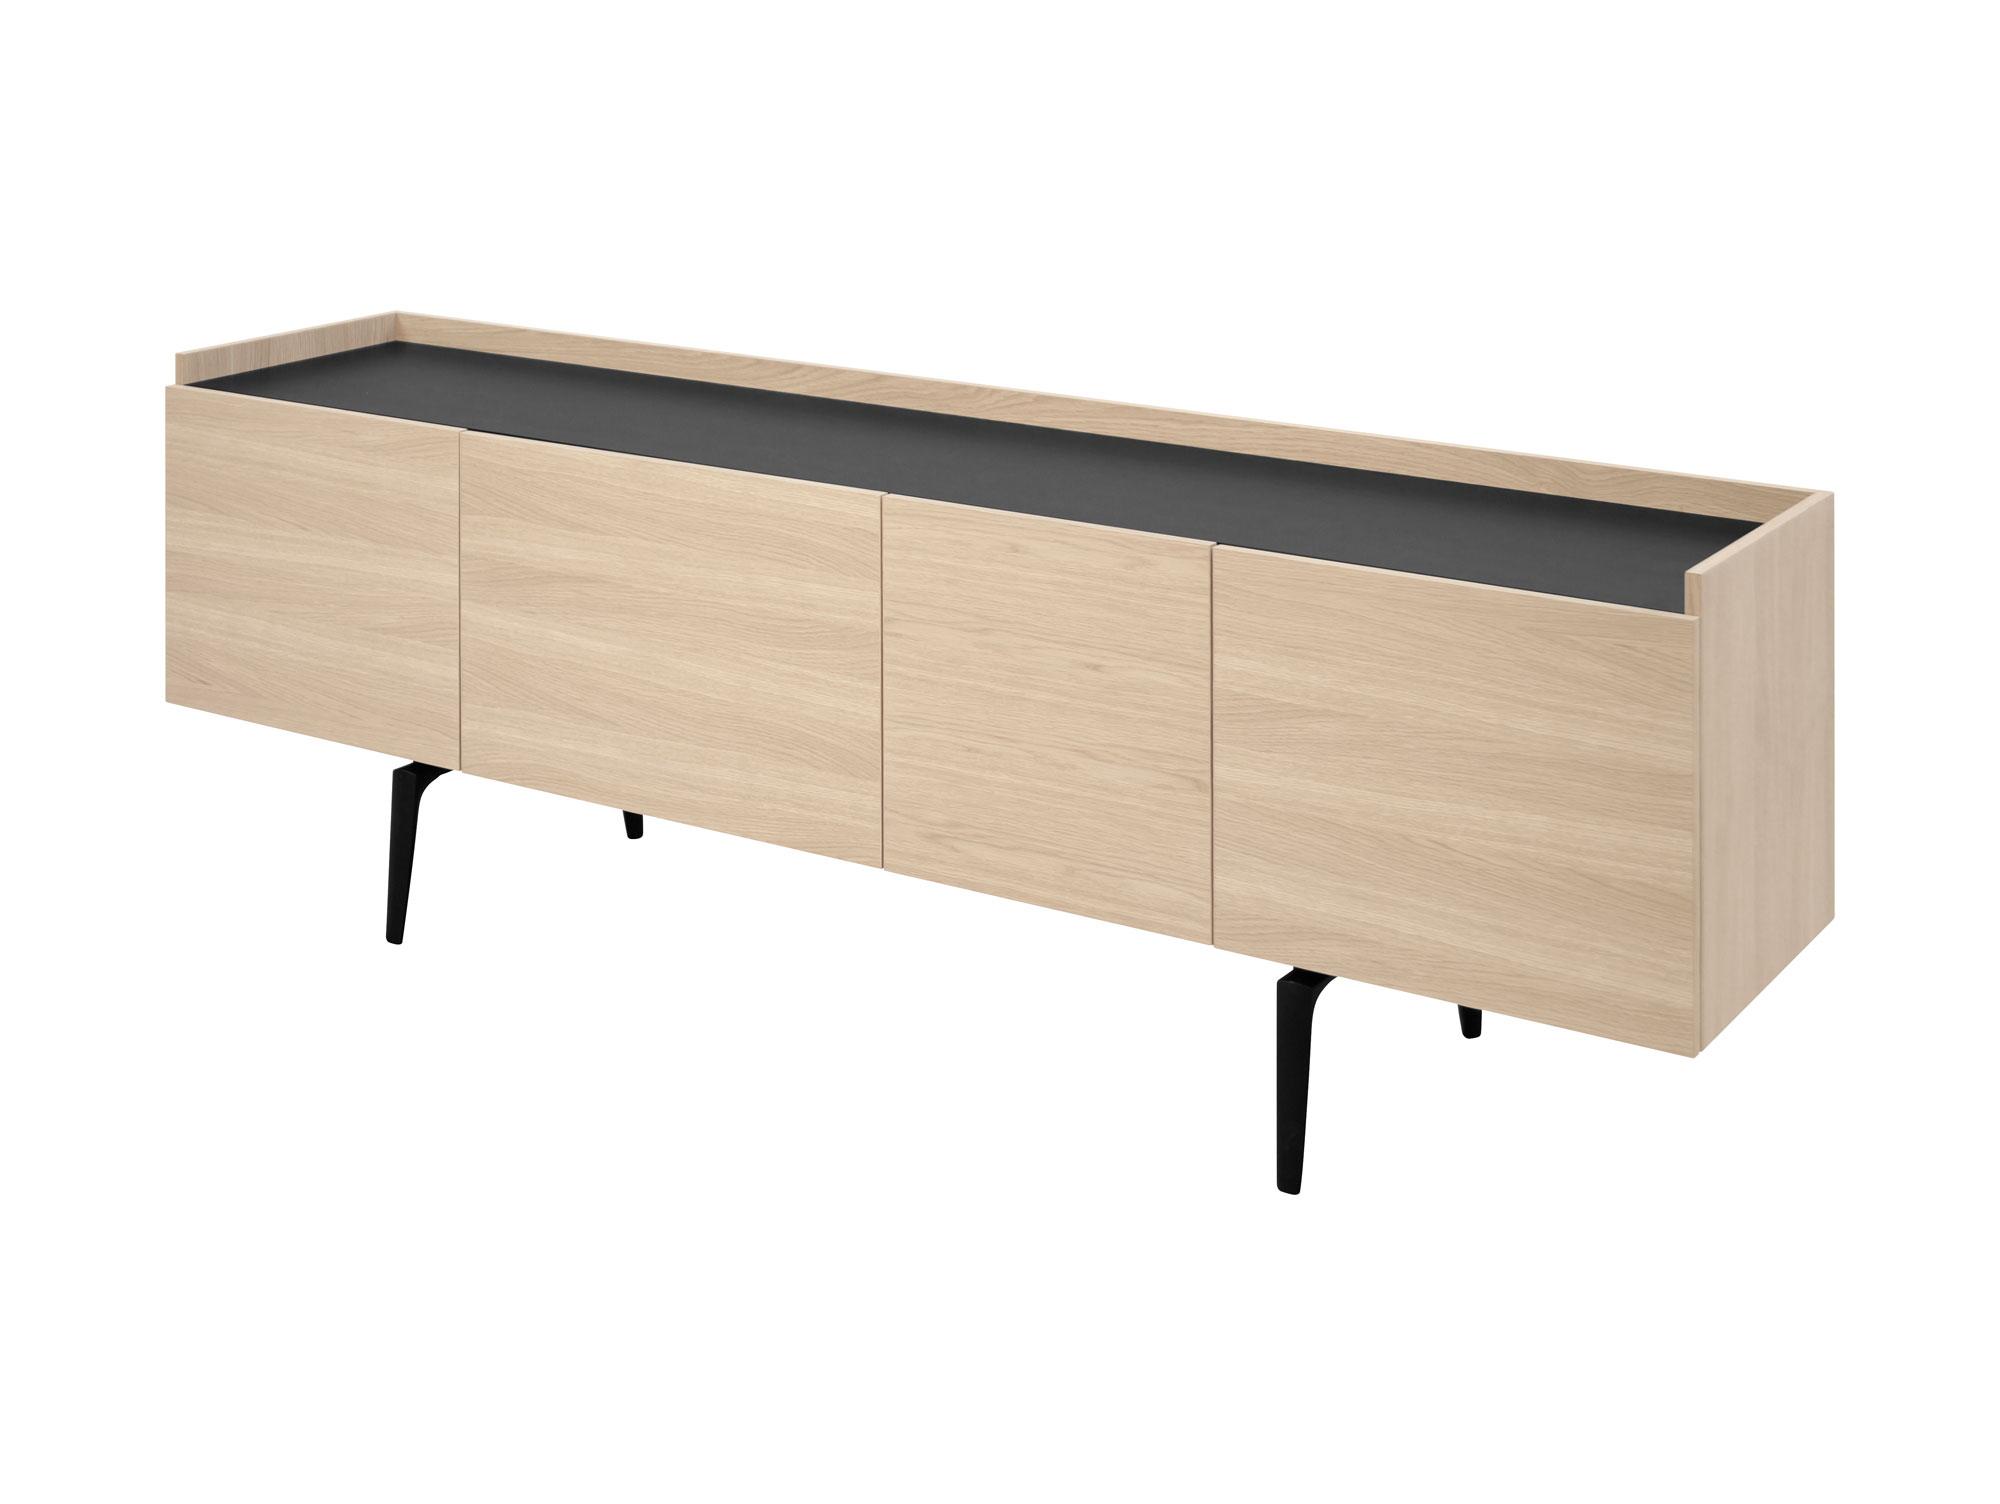 cannes sideboard eiche furniert beine schwa. Black Bedroom Furniture Sets. Home Design Ideas